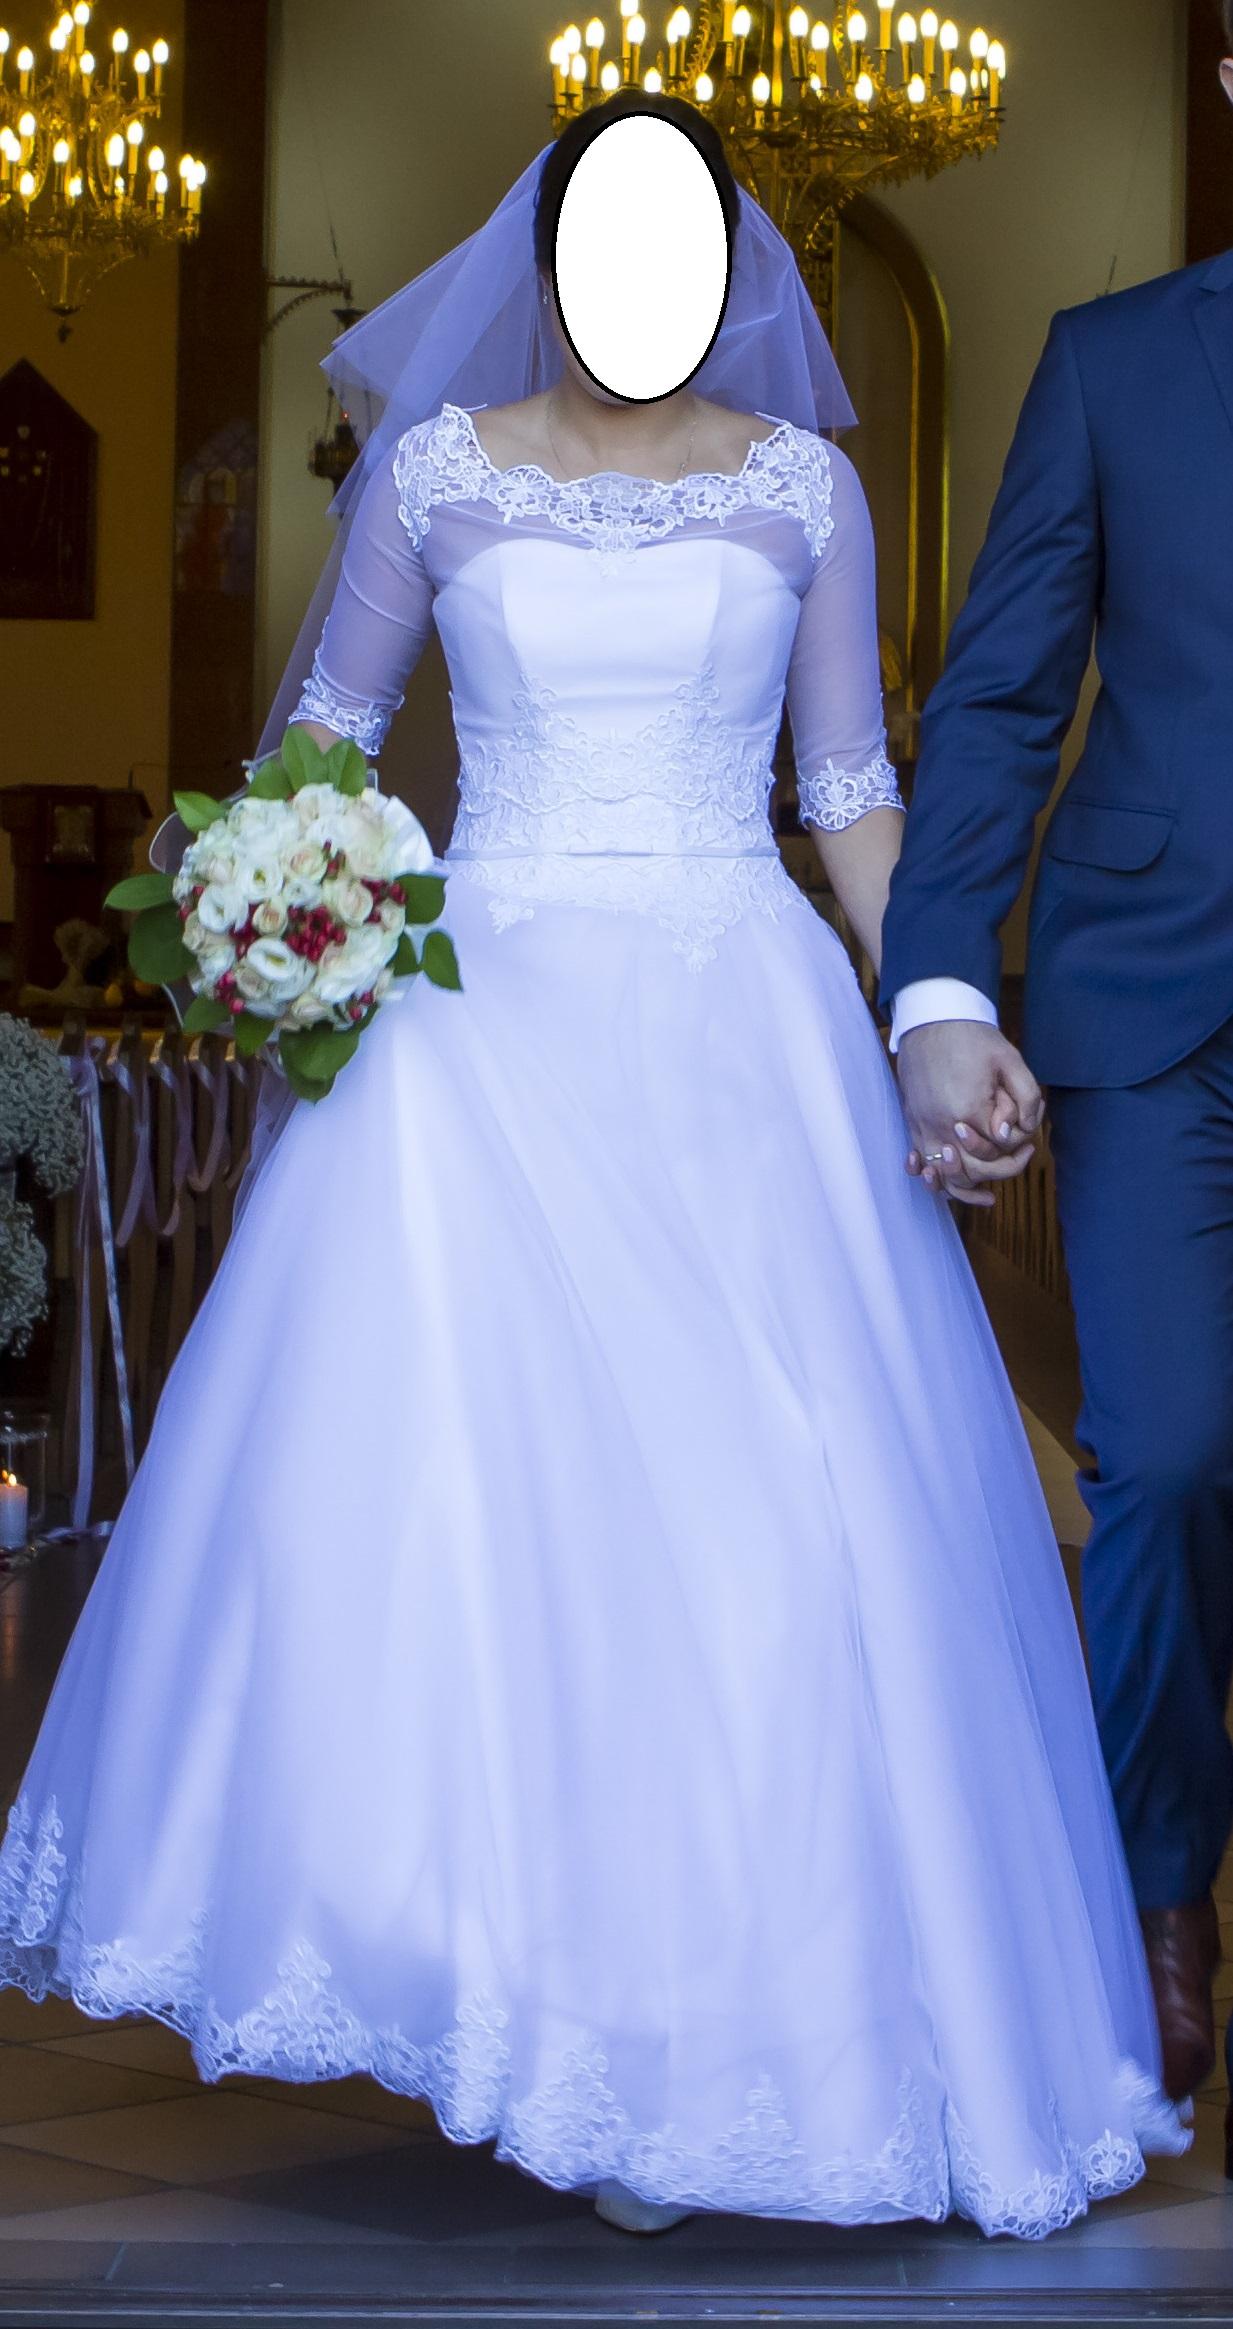 bb85da7b84 ZJAWISKOWA suknia ślubna Celebrity WROCŁAW - 7295313280 - oficjalne ...